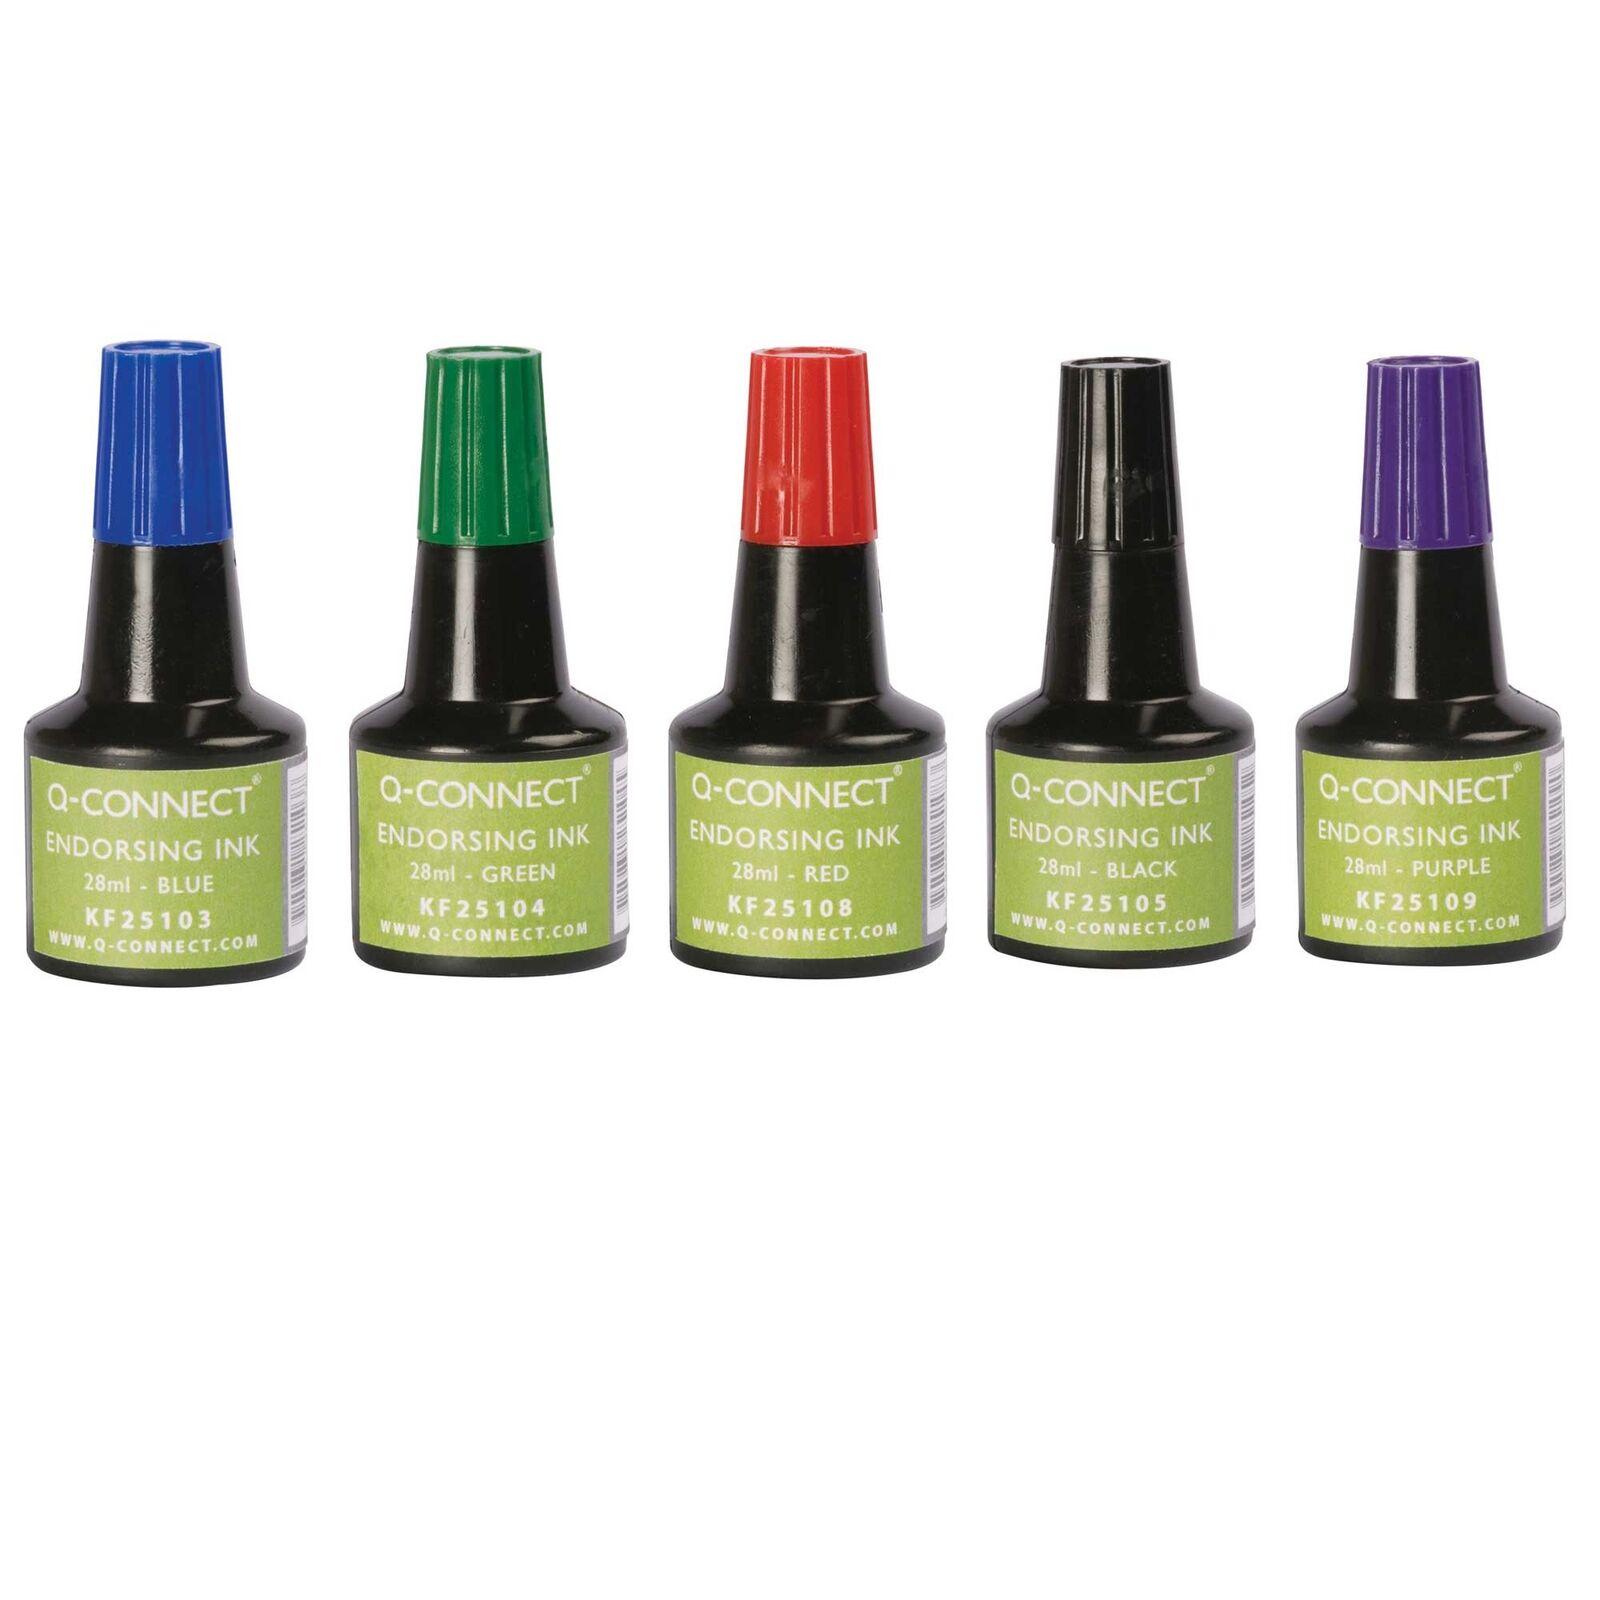 Stempelfarbe Stempel Farbe Nachfülltinte für Stempelkissen ohne Öl 28ml